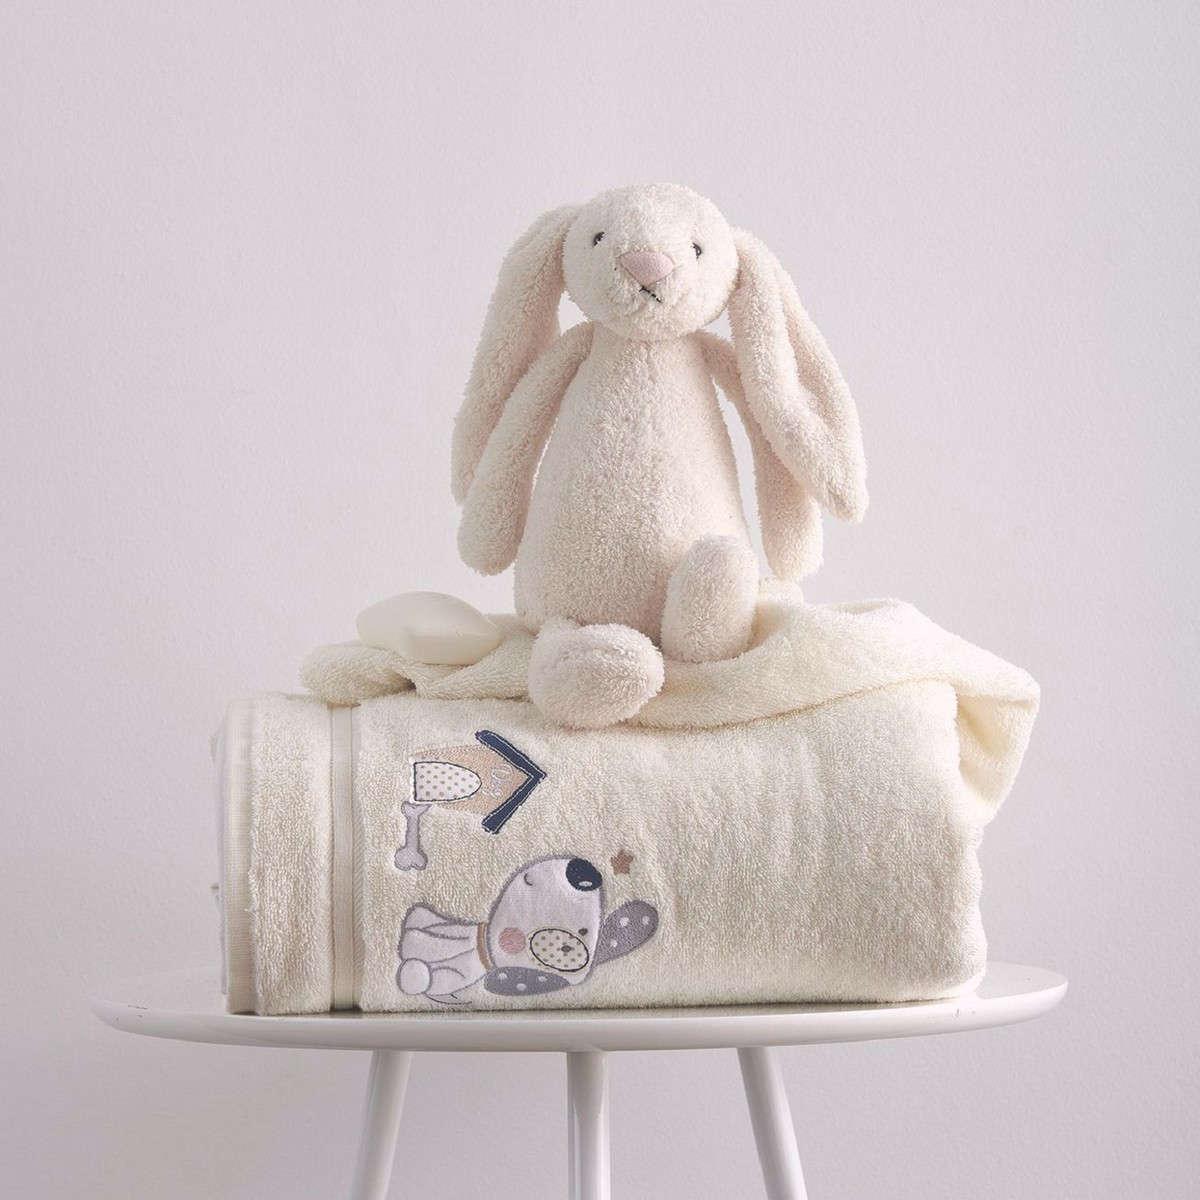 Πετσέτες Σετ Βρεφικές 2Τεμ. Με Κέντημα Puppy Cream Sb Home Σετ Πετσέτες